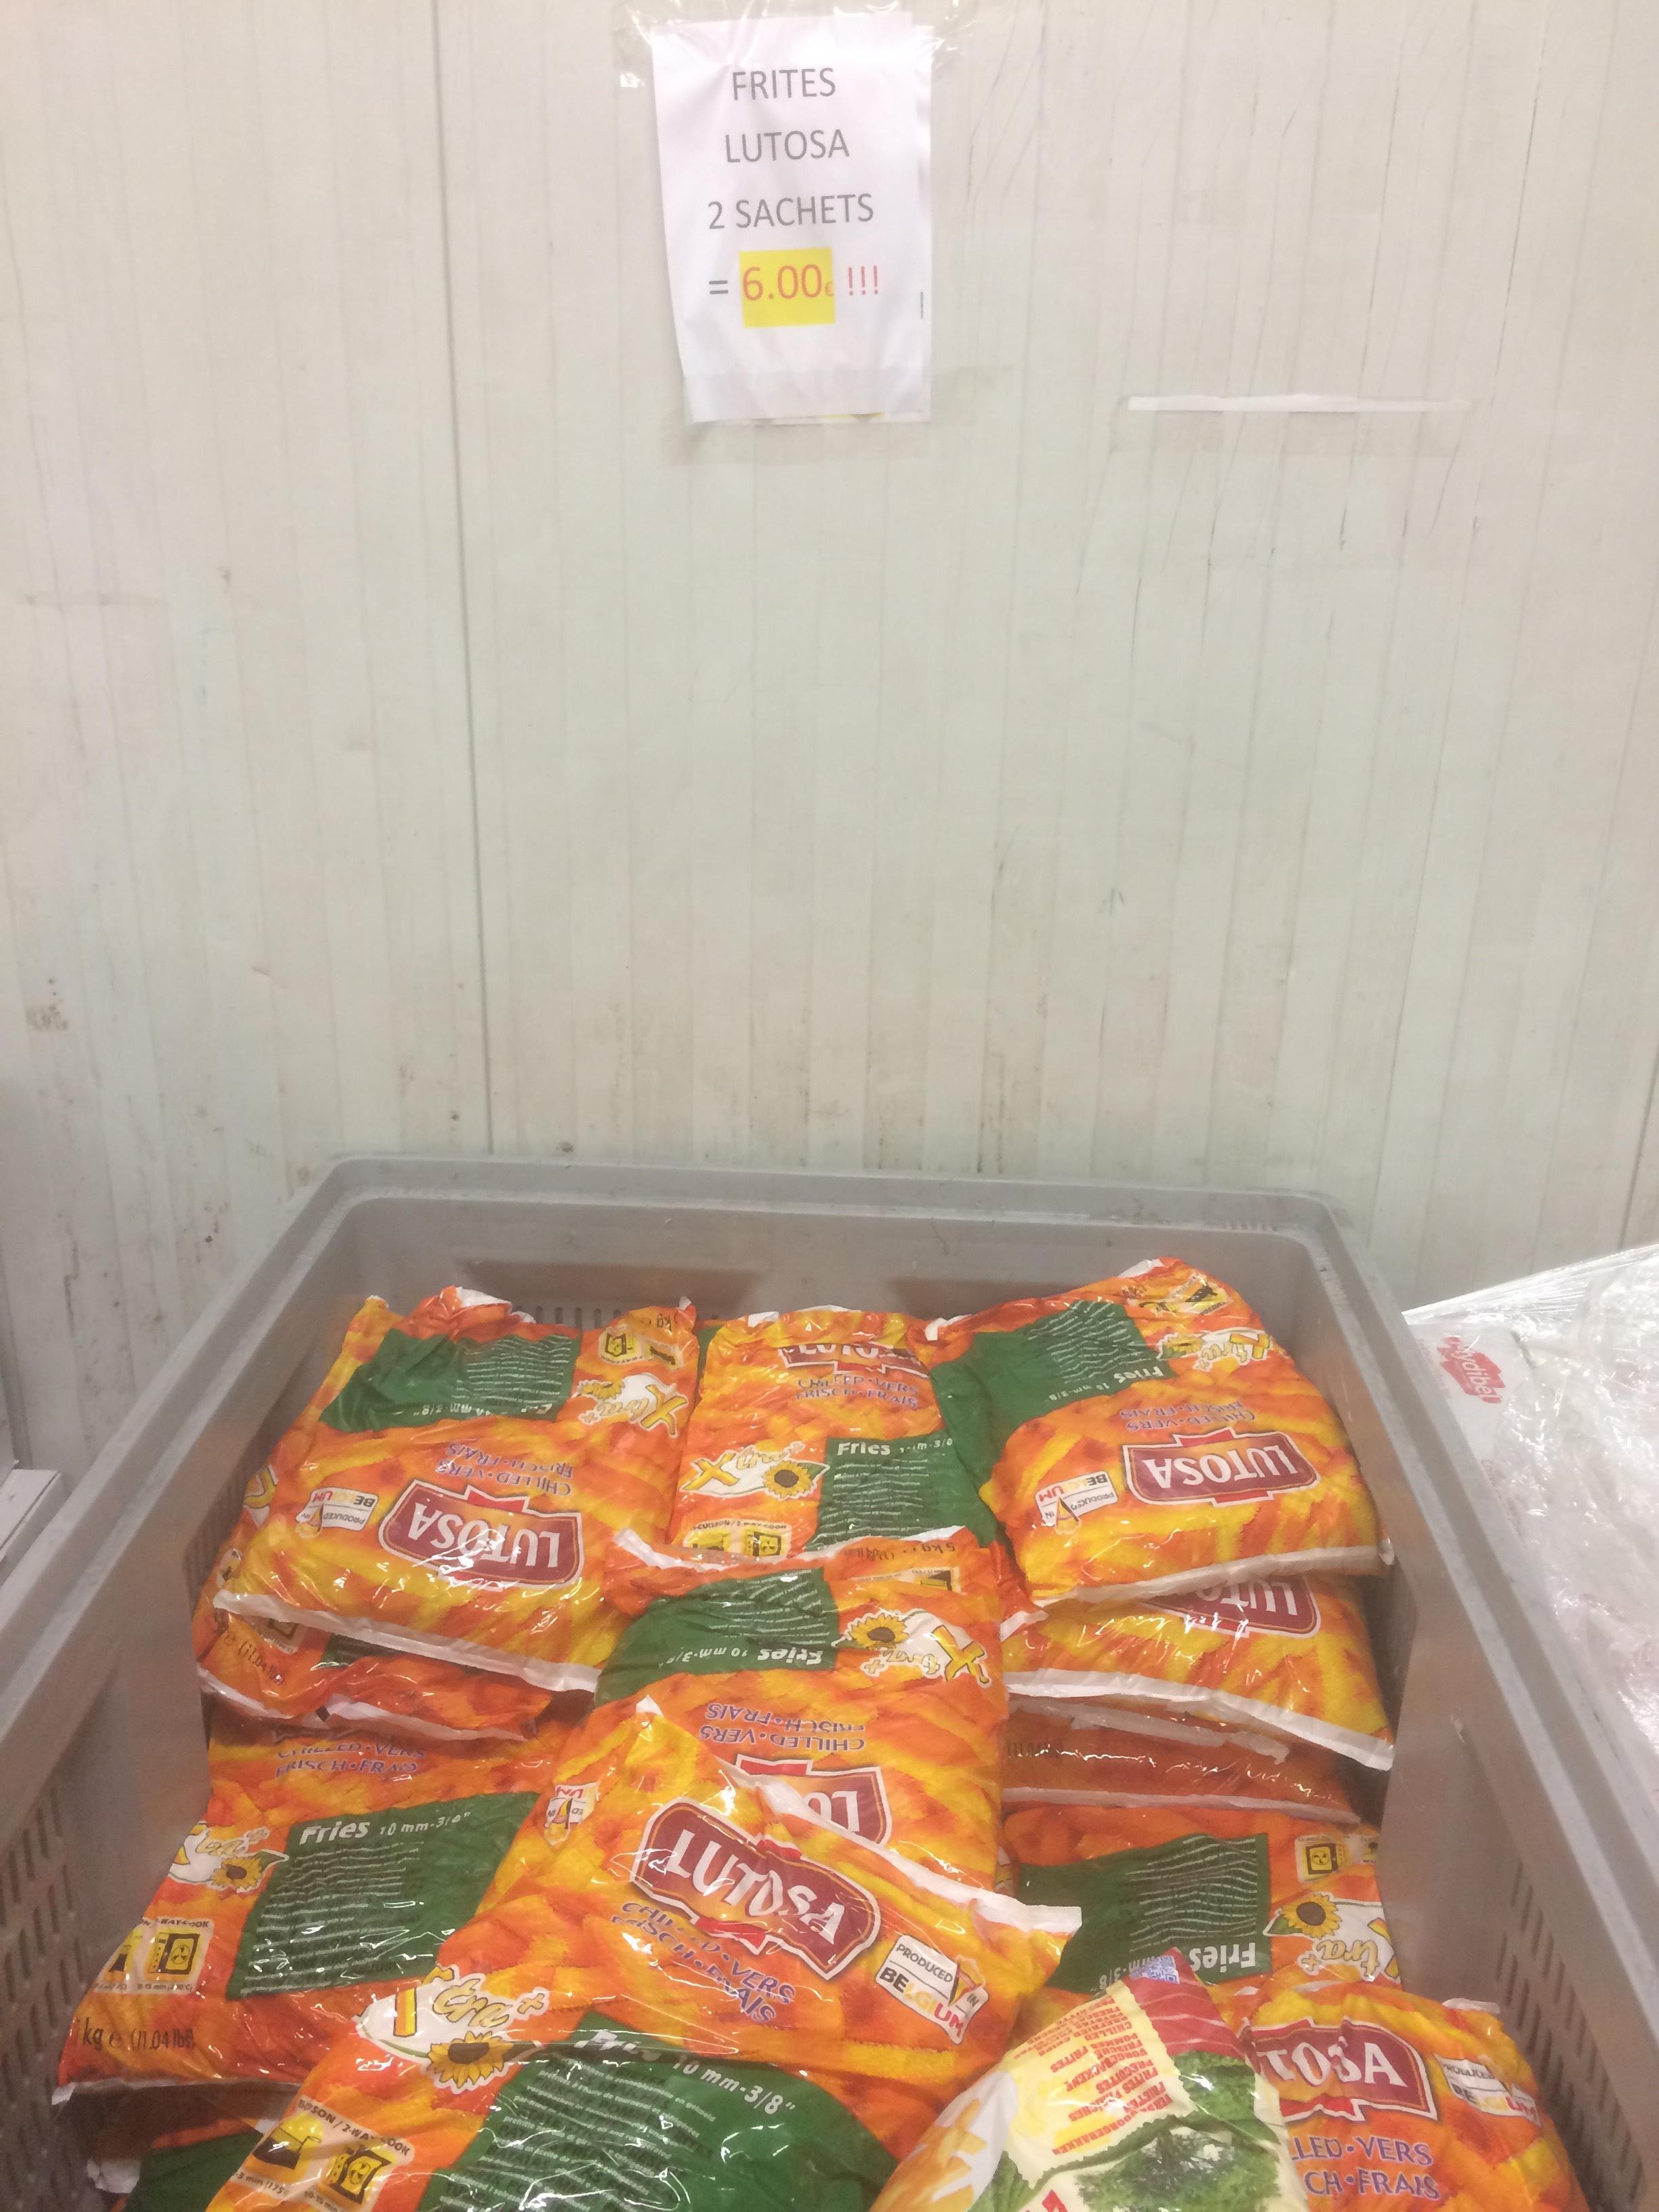 Lot de 2 sachets de Frites Lutosa (5kg)